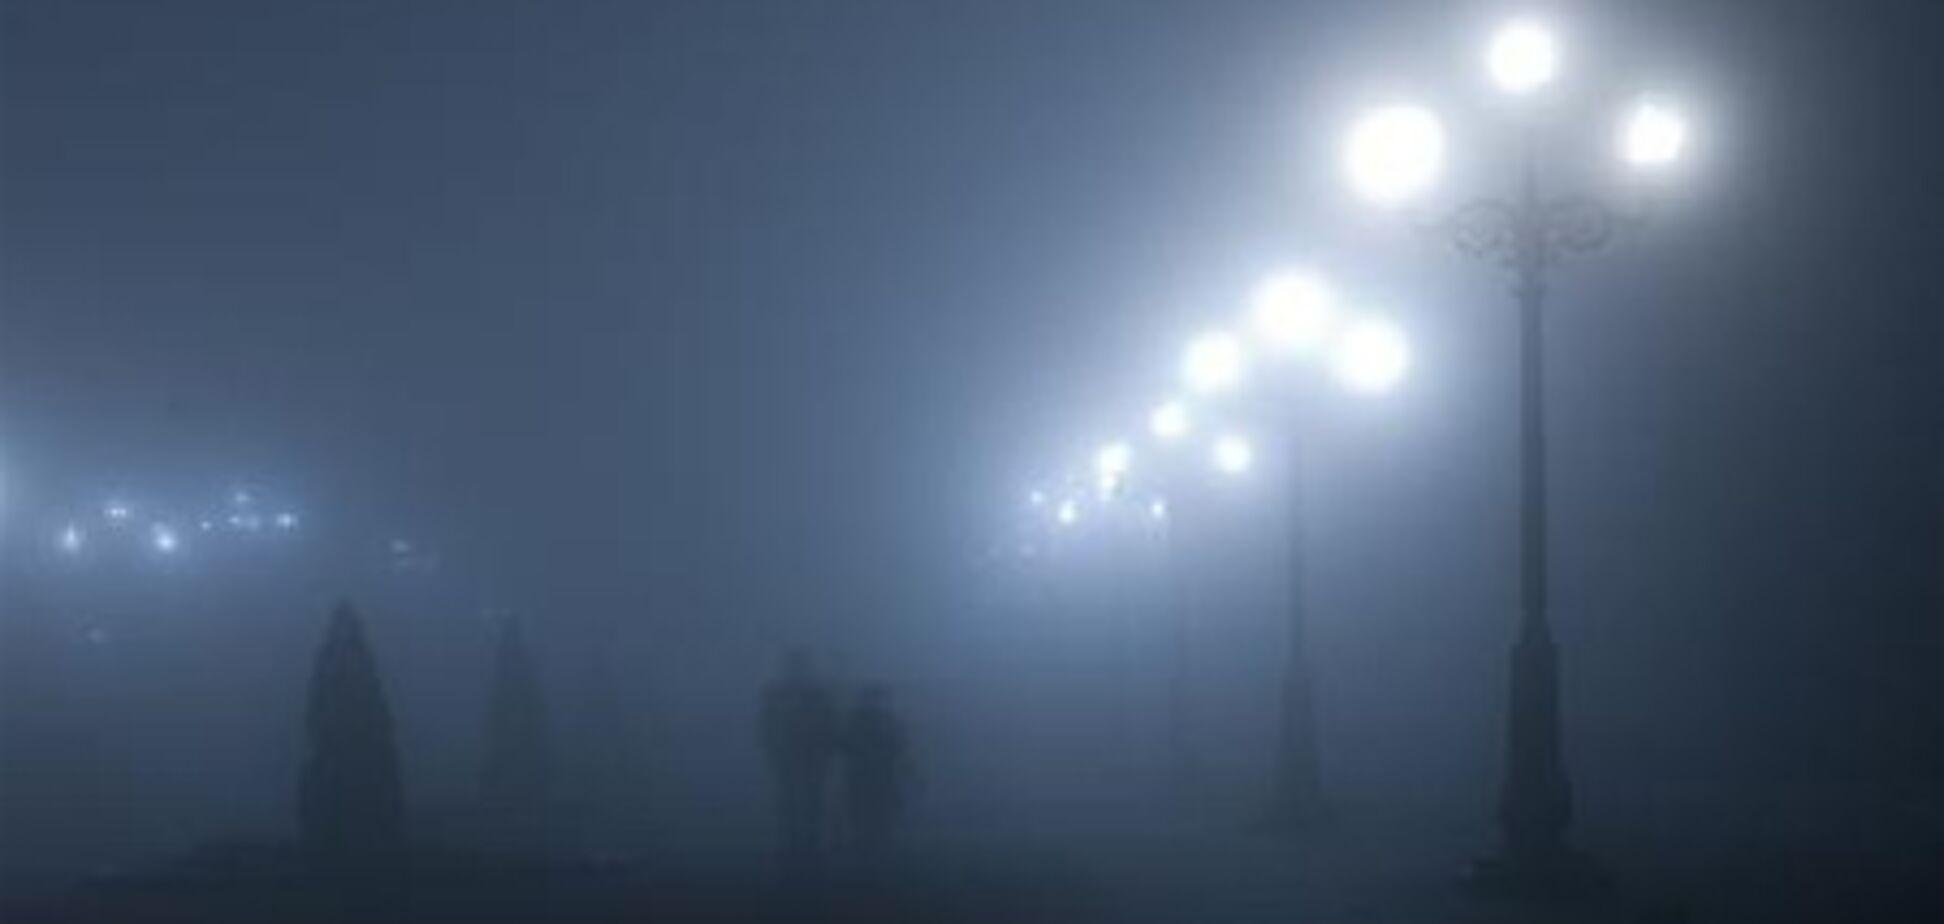 ДАІ просить водіїв бути уважнішими на дорозі через туман